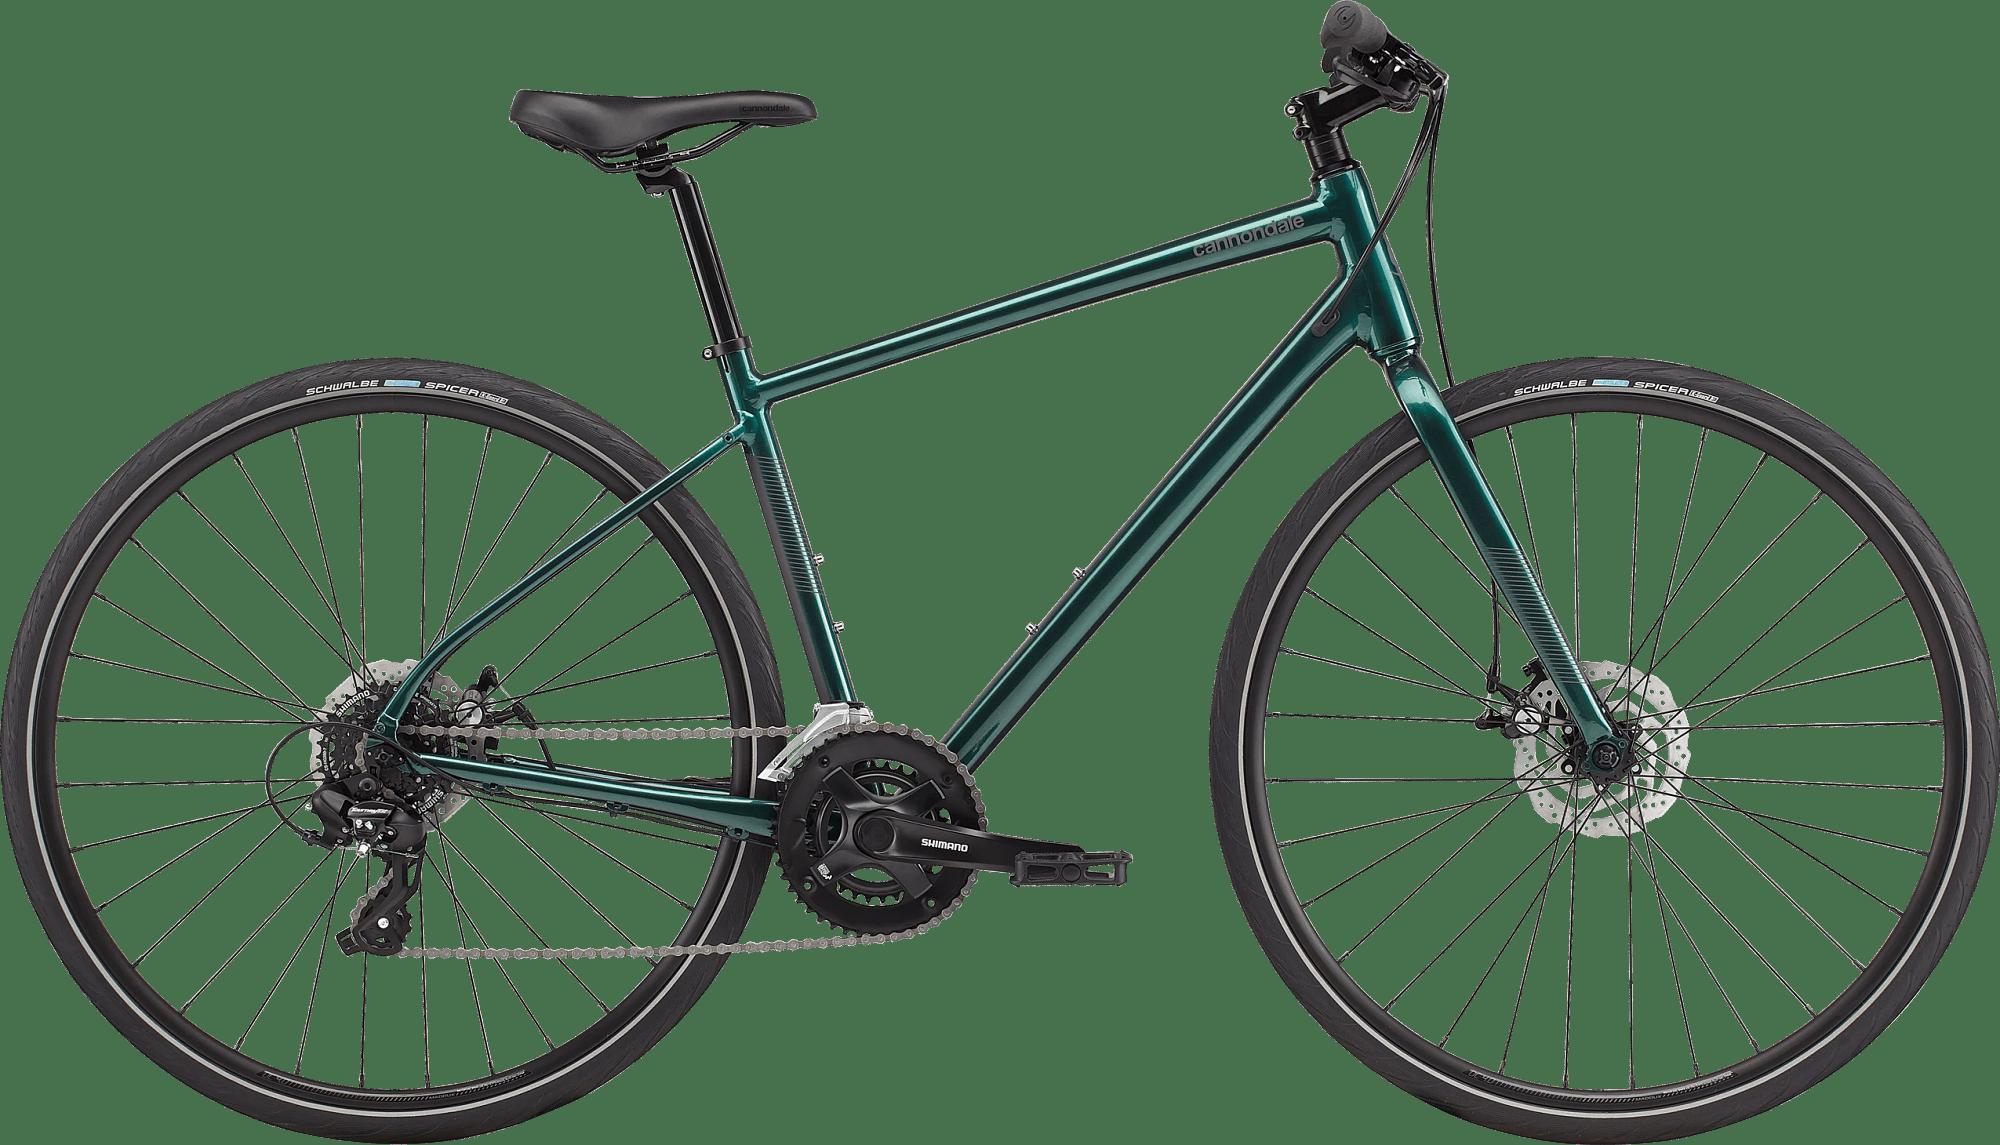 Quick5 エメラルド キャノンデール クロスバイク